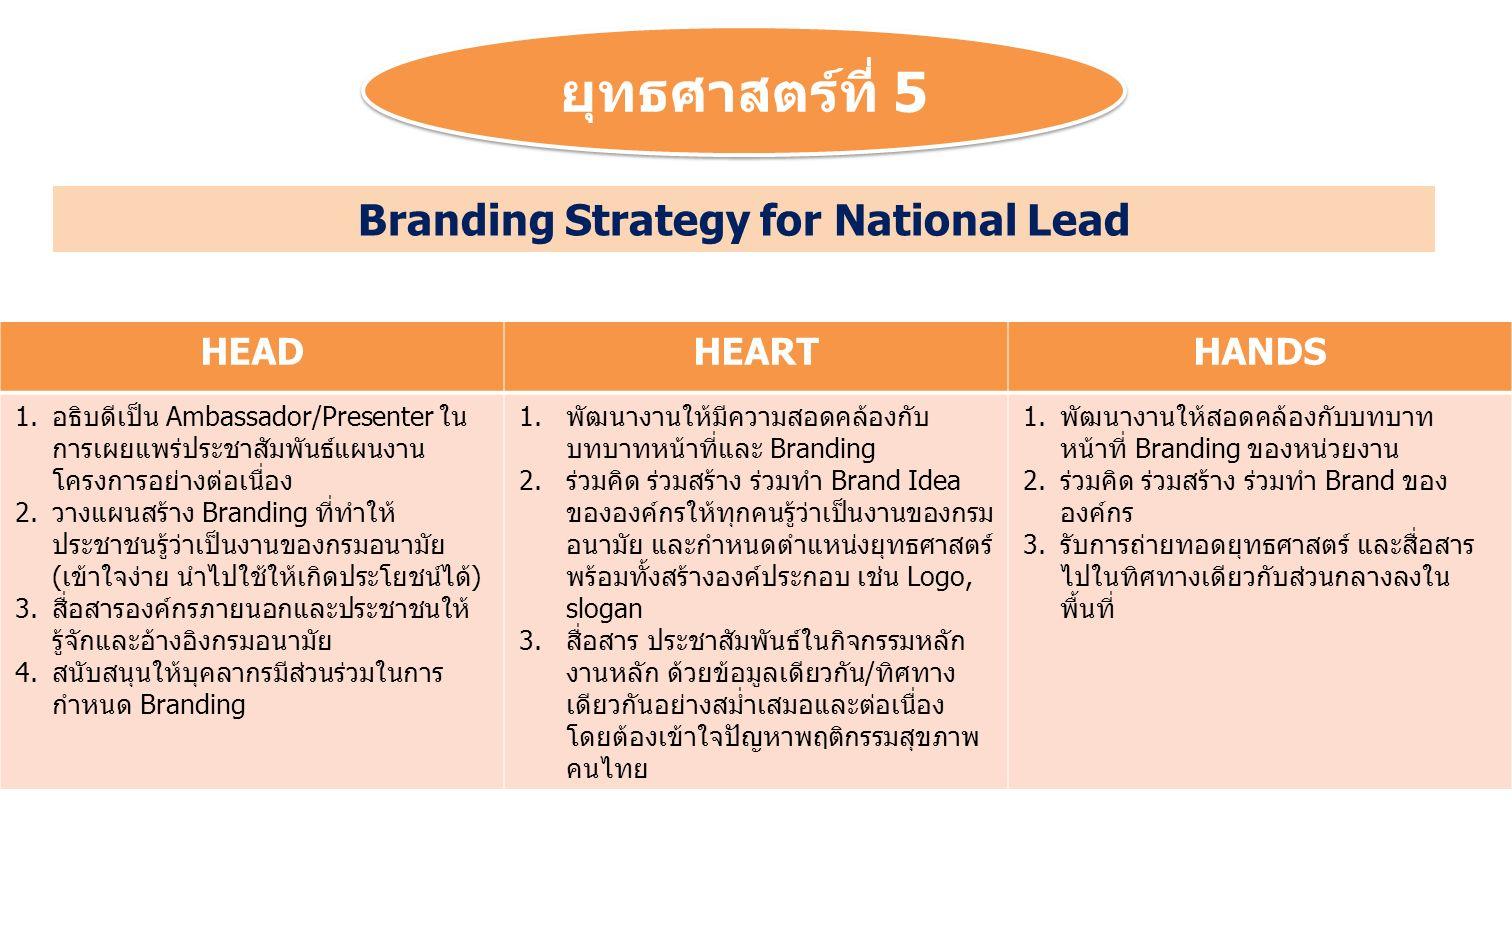 ยุทธศาสตร์ที่ 5 HEADHEARTHANDS 1.อธิบดีเป็น Ambassador/Presenter ใน การเผยแพร่ประชาสัมพันธ์แผนงาน โครงการอย่างต่อเนื่อง 2.วางแผนสร้าง Branding ที่ทำให